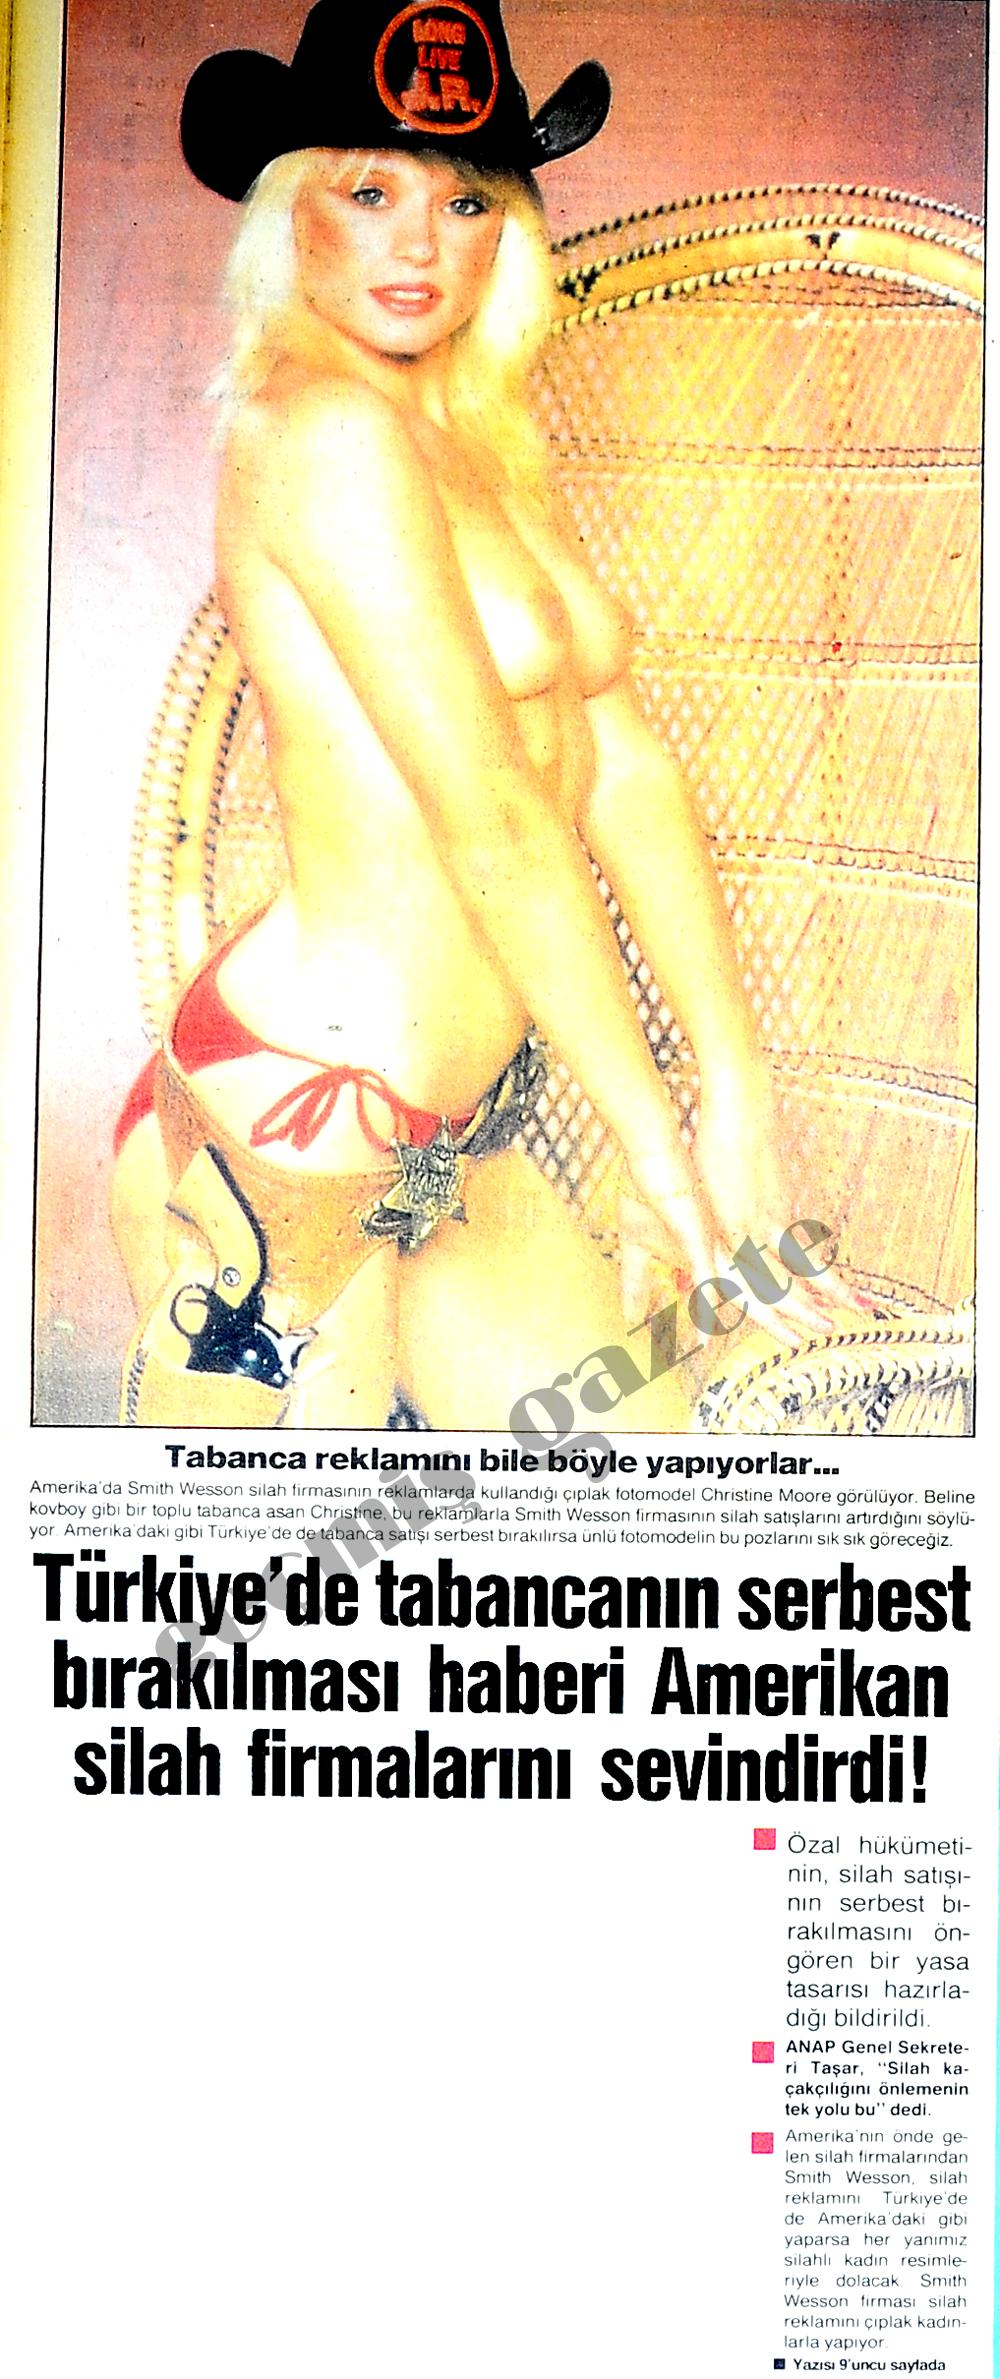 Türkiye'de tabancanın serbest bırakılması